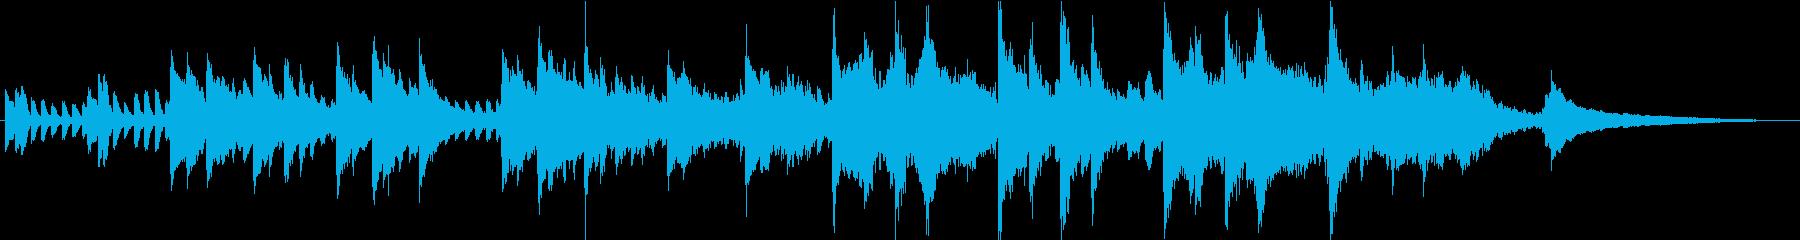 PV】エレガントで感動的なピアノBGMの再生済みの波形